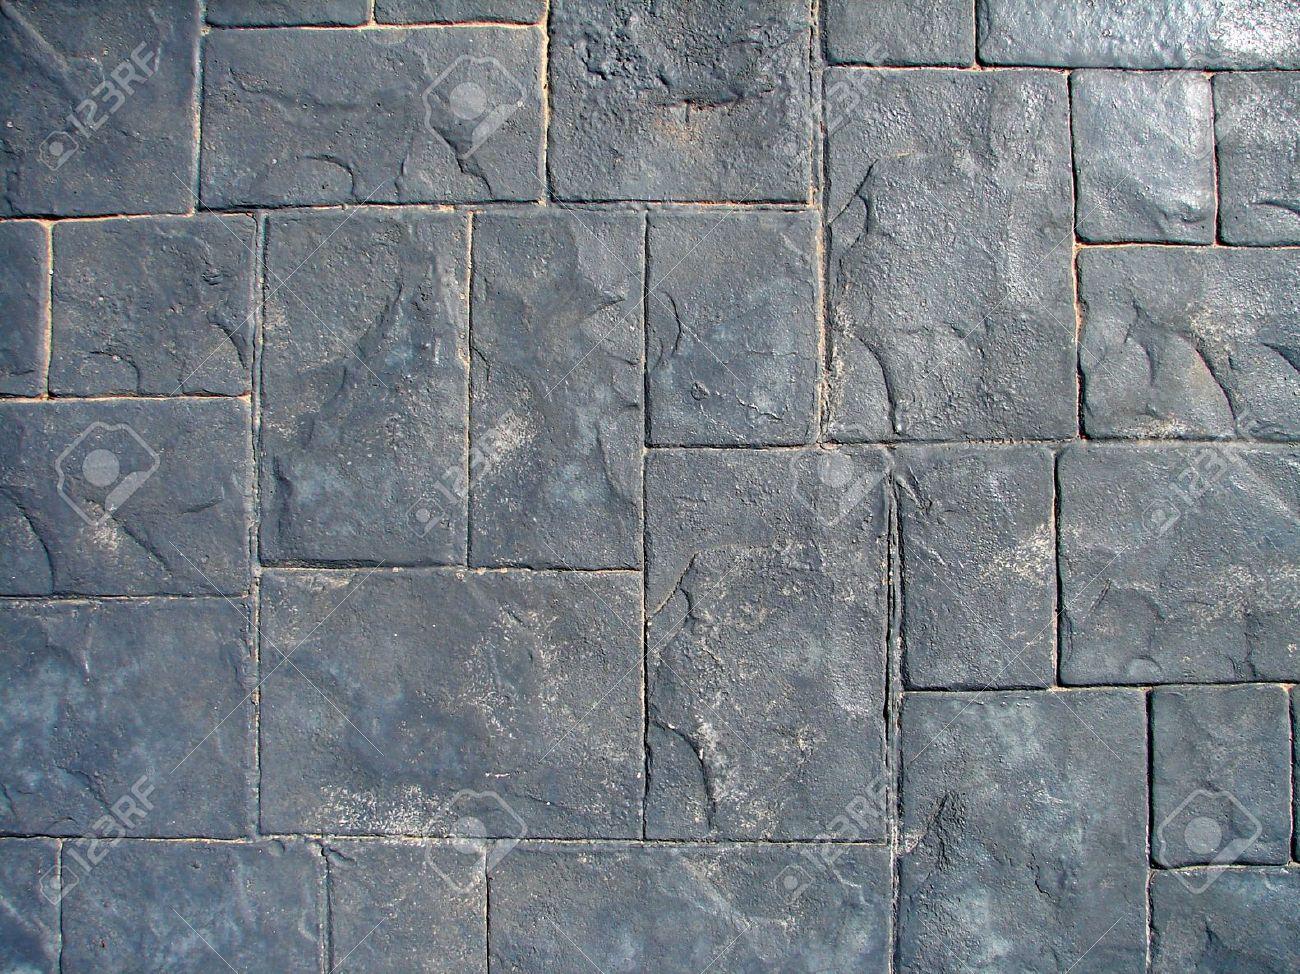 Fliesen textur grau  Graue Betonboden Fliesen Textur Lizenzfreie Fotos, Bilder Und ...